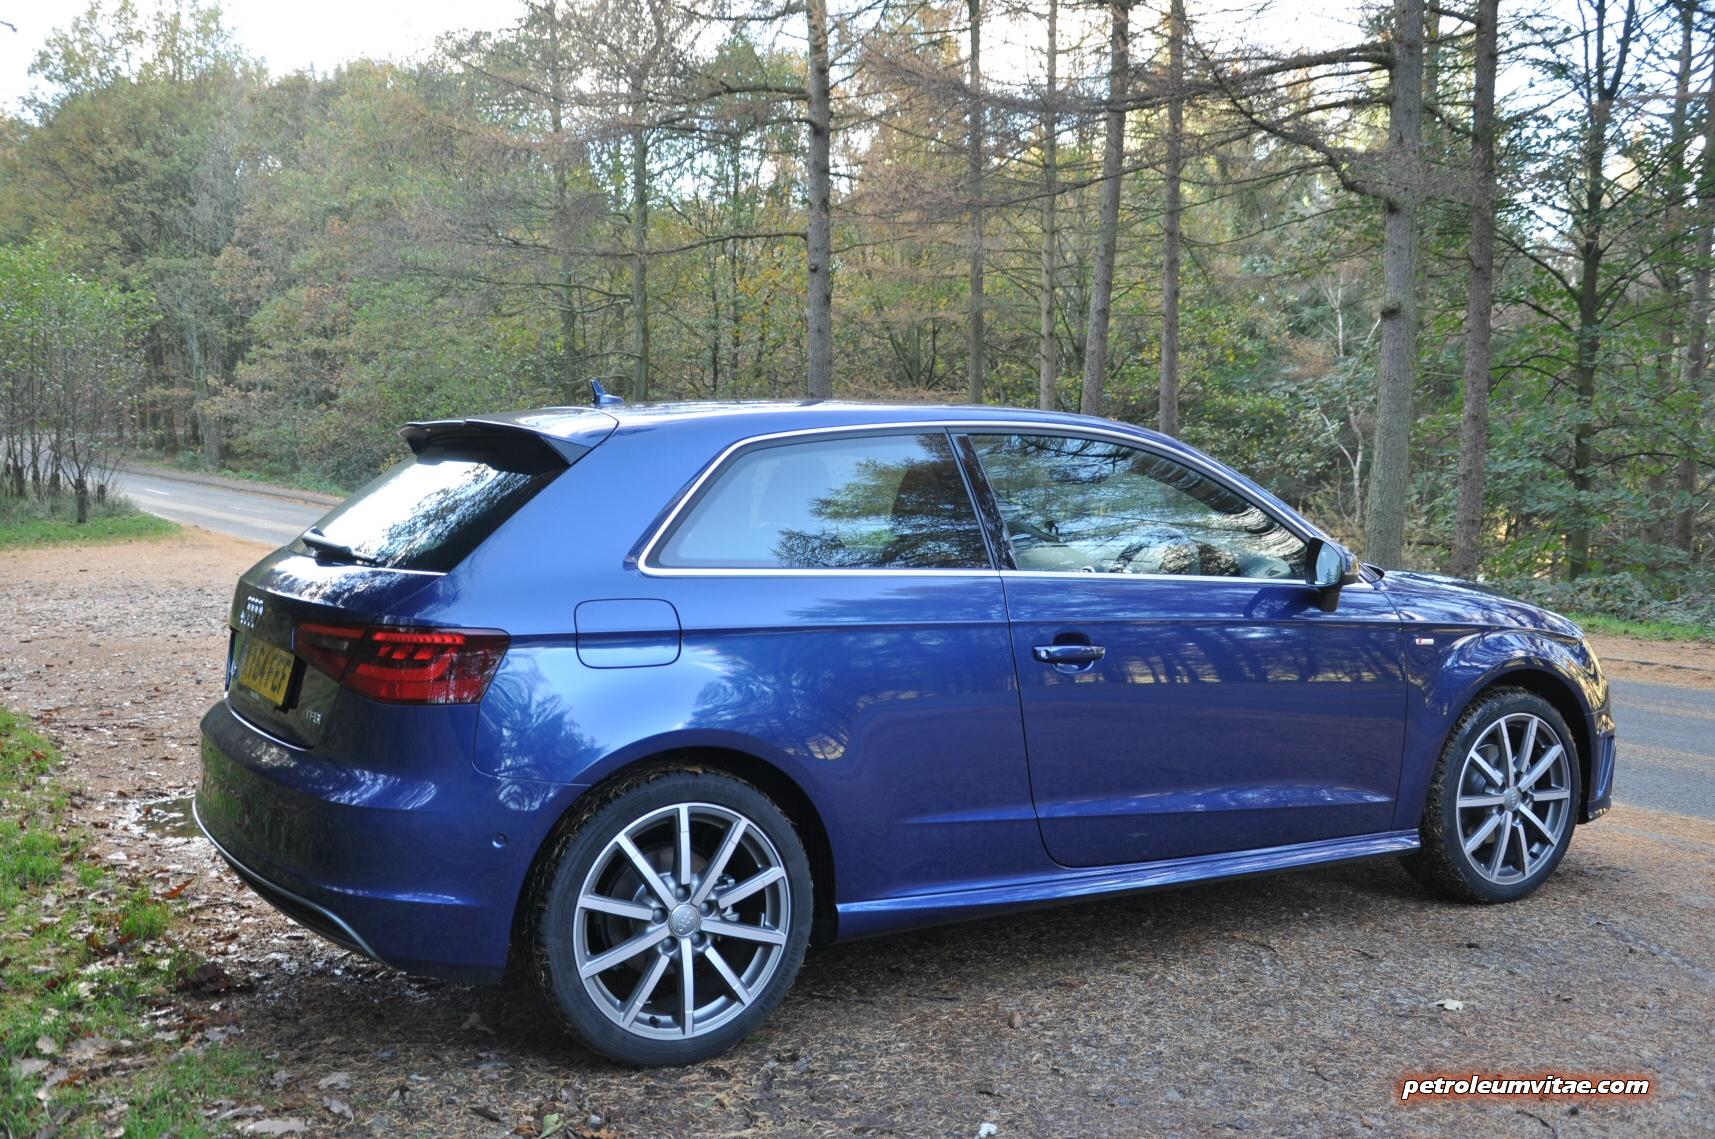 Audi S Se on audi b5, audi r10, audi wagon models, audi f3, audi 2 door sports car, audi m5, audi sedan, audi race car, audi 2015 models, audi r5, audi e-tron, audi hatchback models, audi a7, audi a8, audi x3, audi modifications, audi b9, audi b4, audi tts, audi sr5,